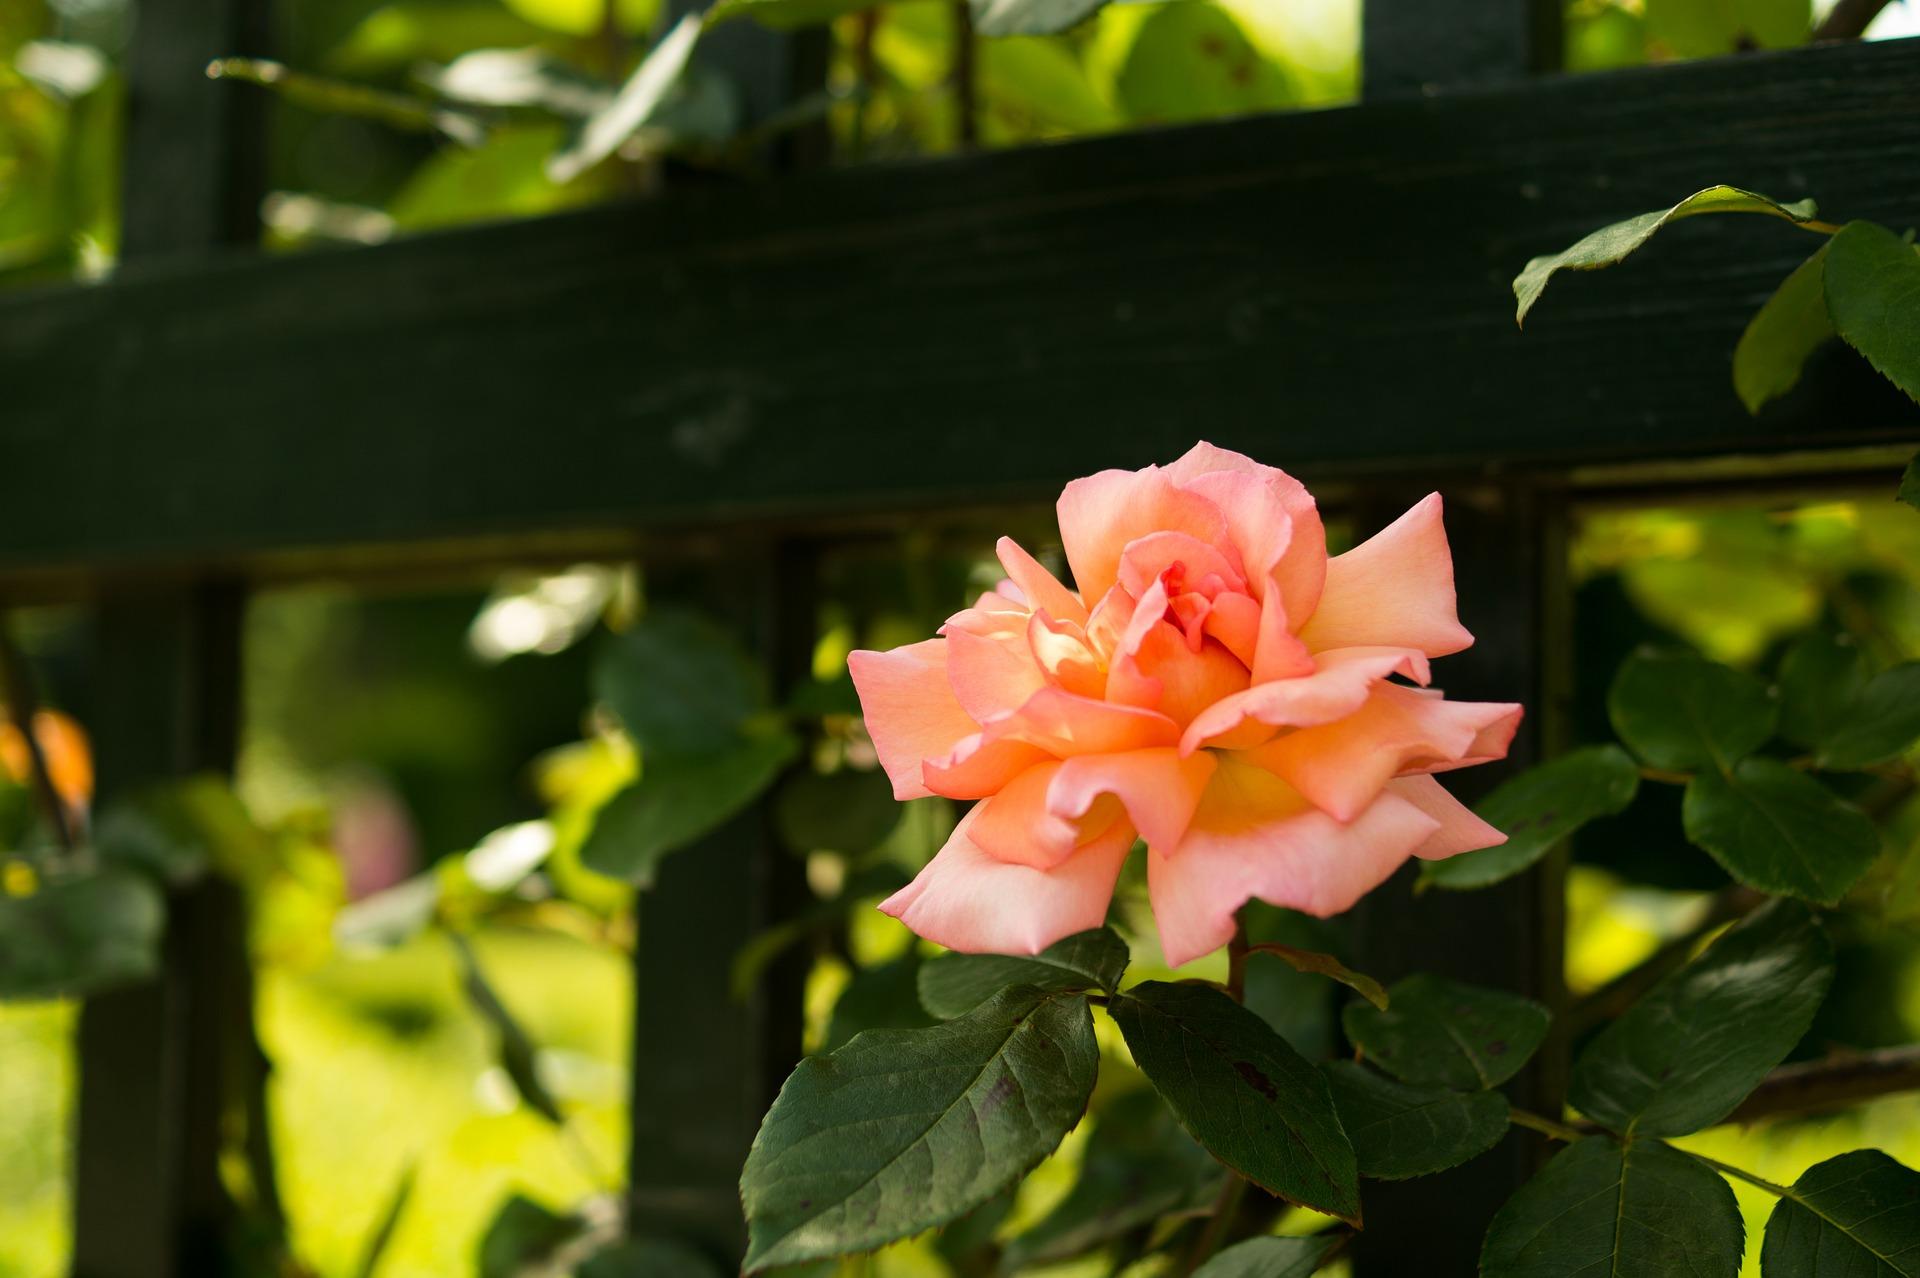 Fresh rose photo